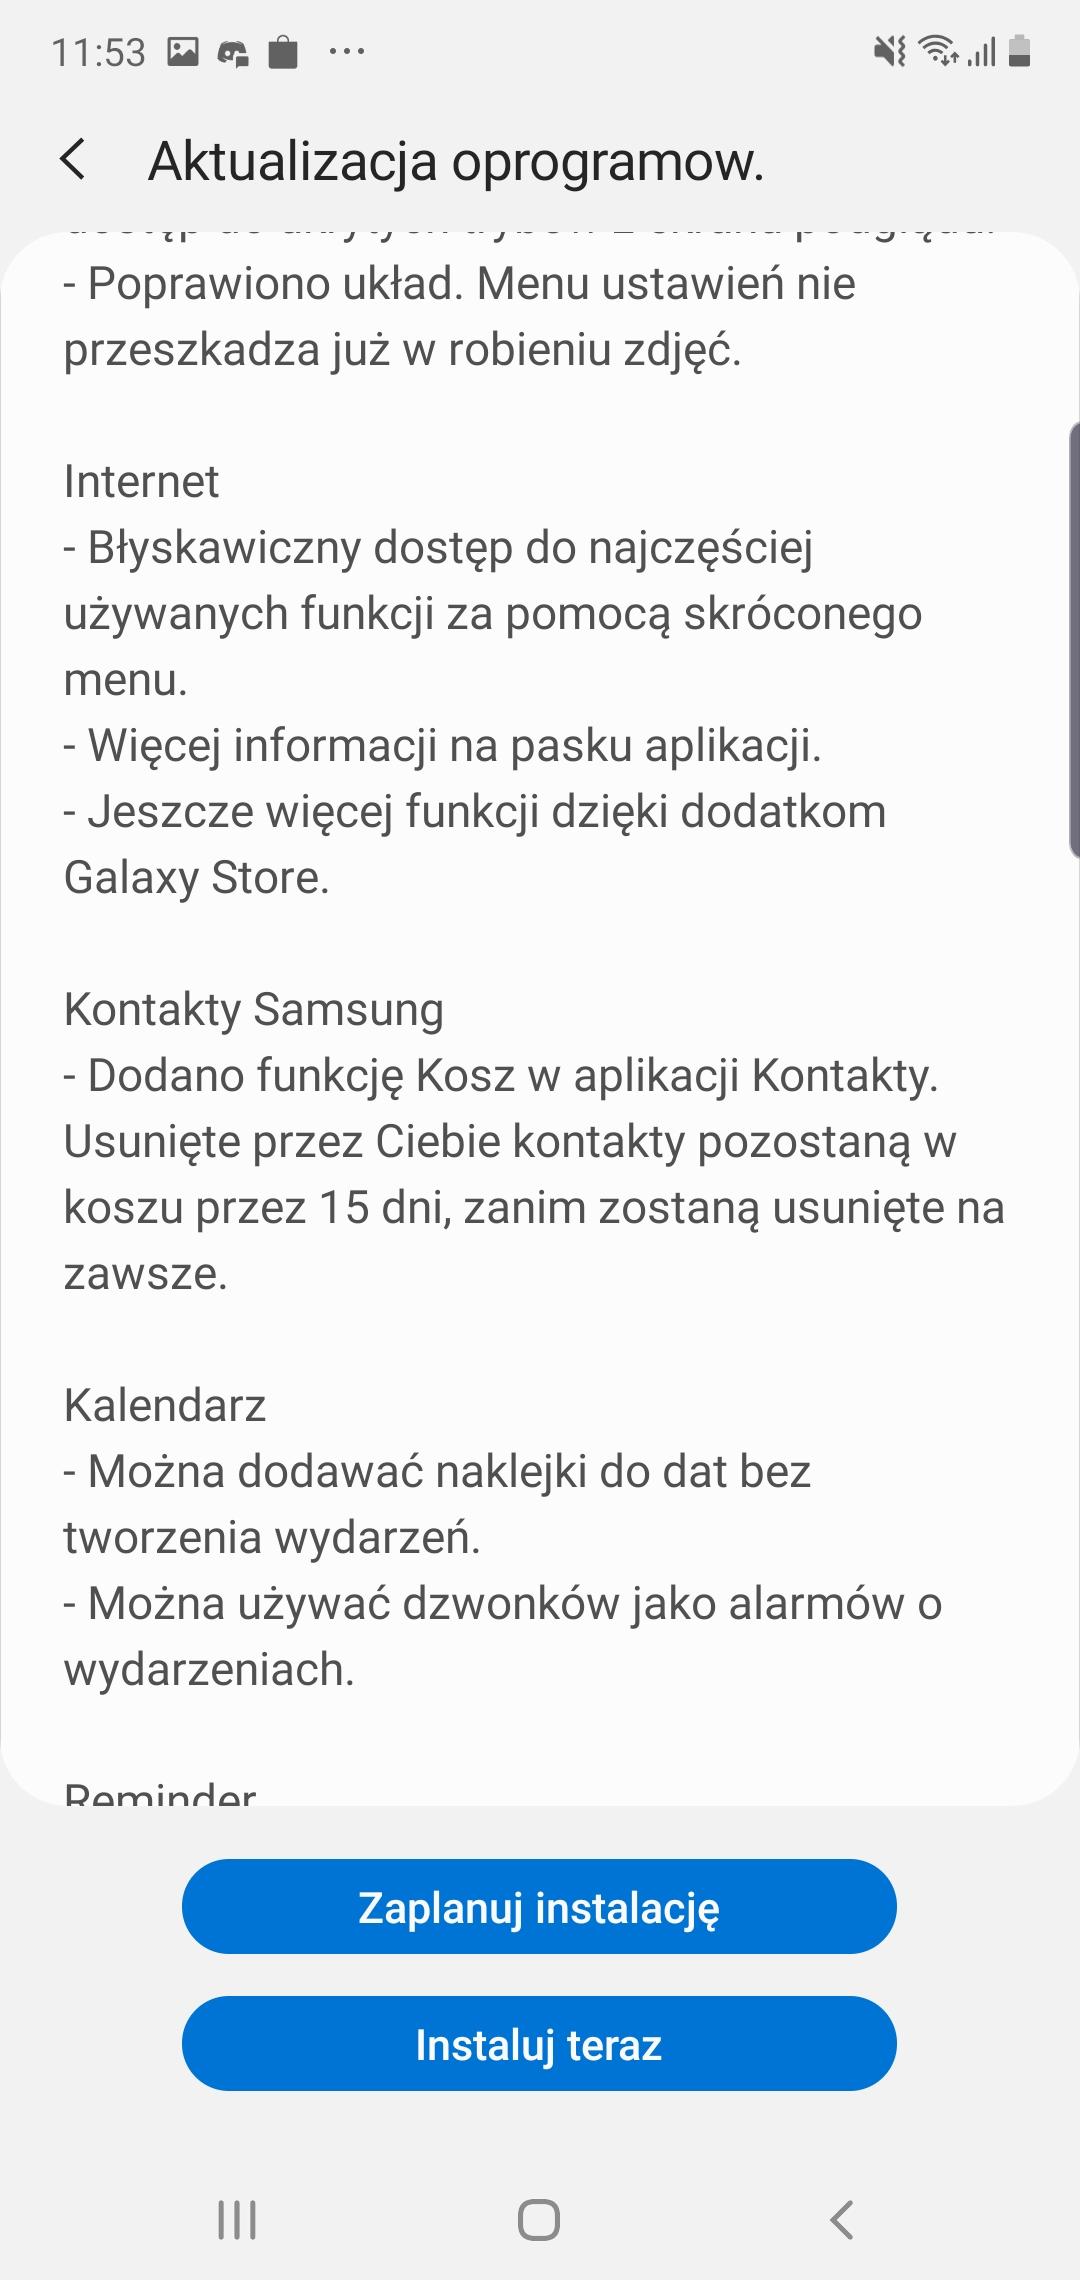 Samsung Galaxy Note 10+ dostaje aktualizację do Androida 10 i One UI 2 w Polsce! 22